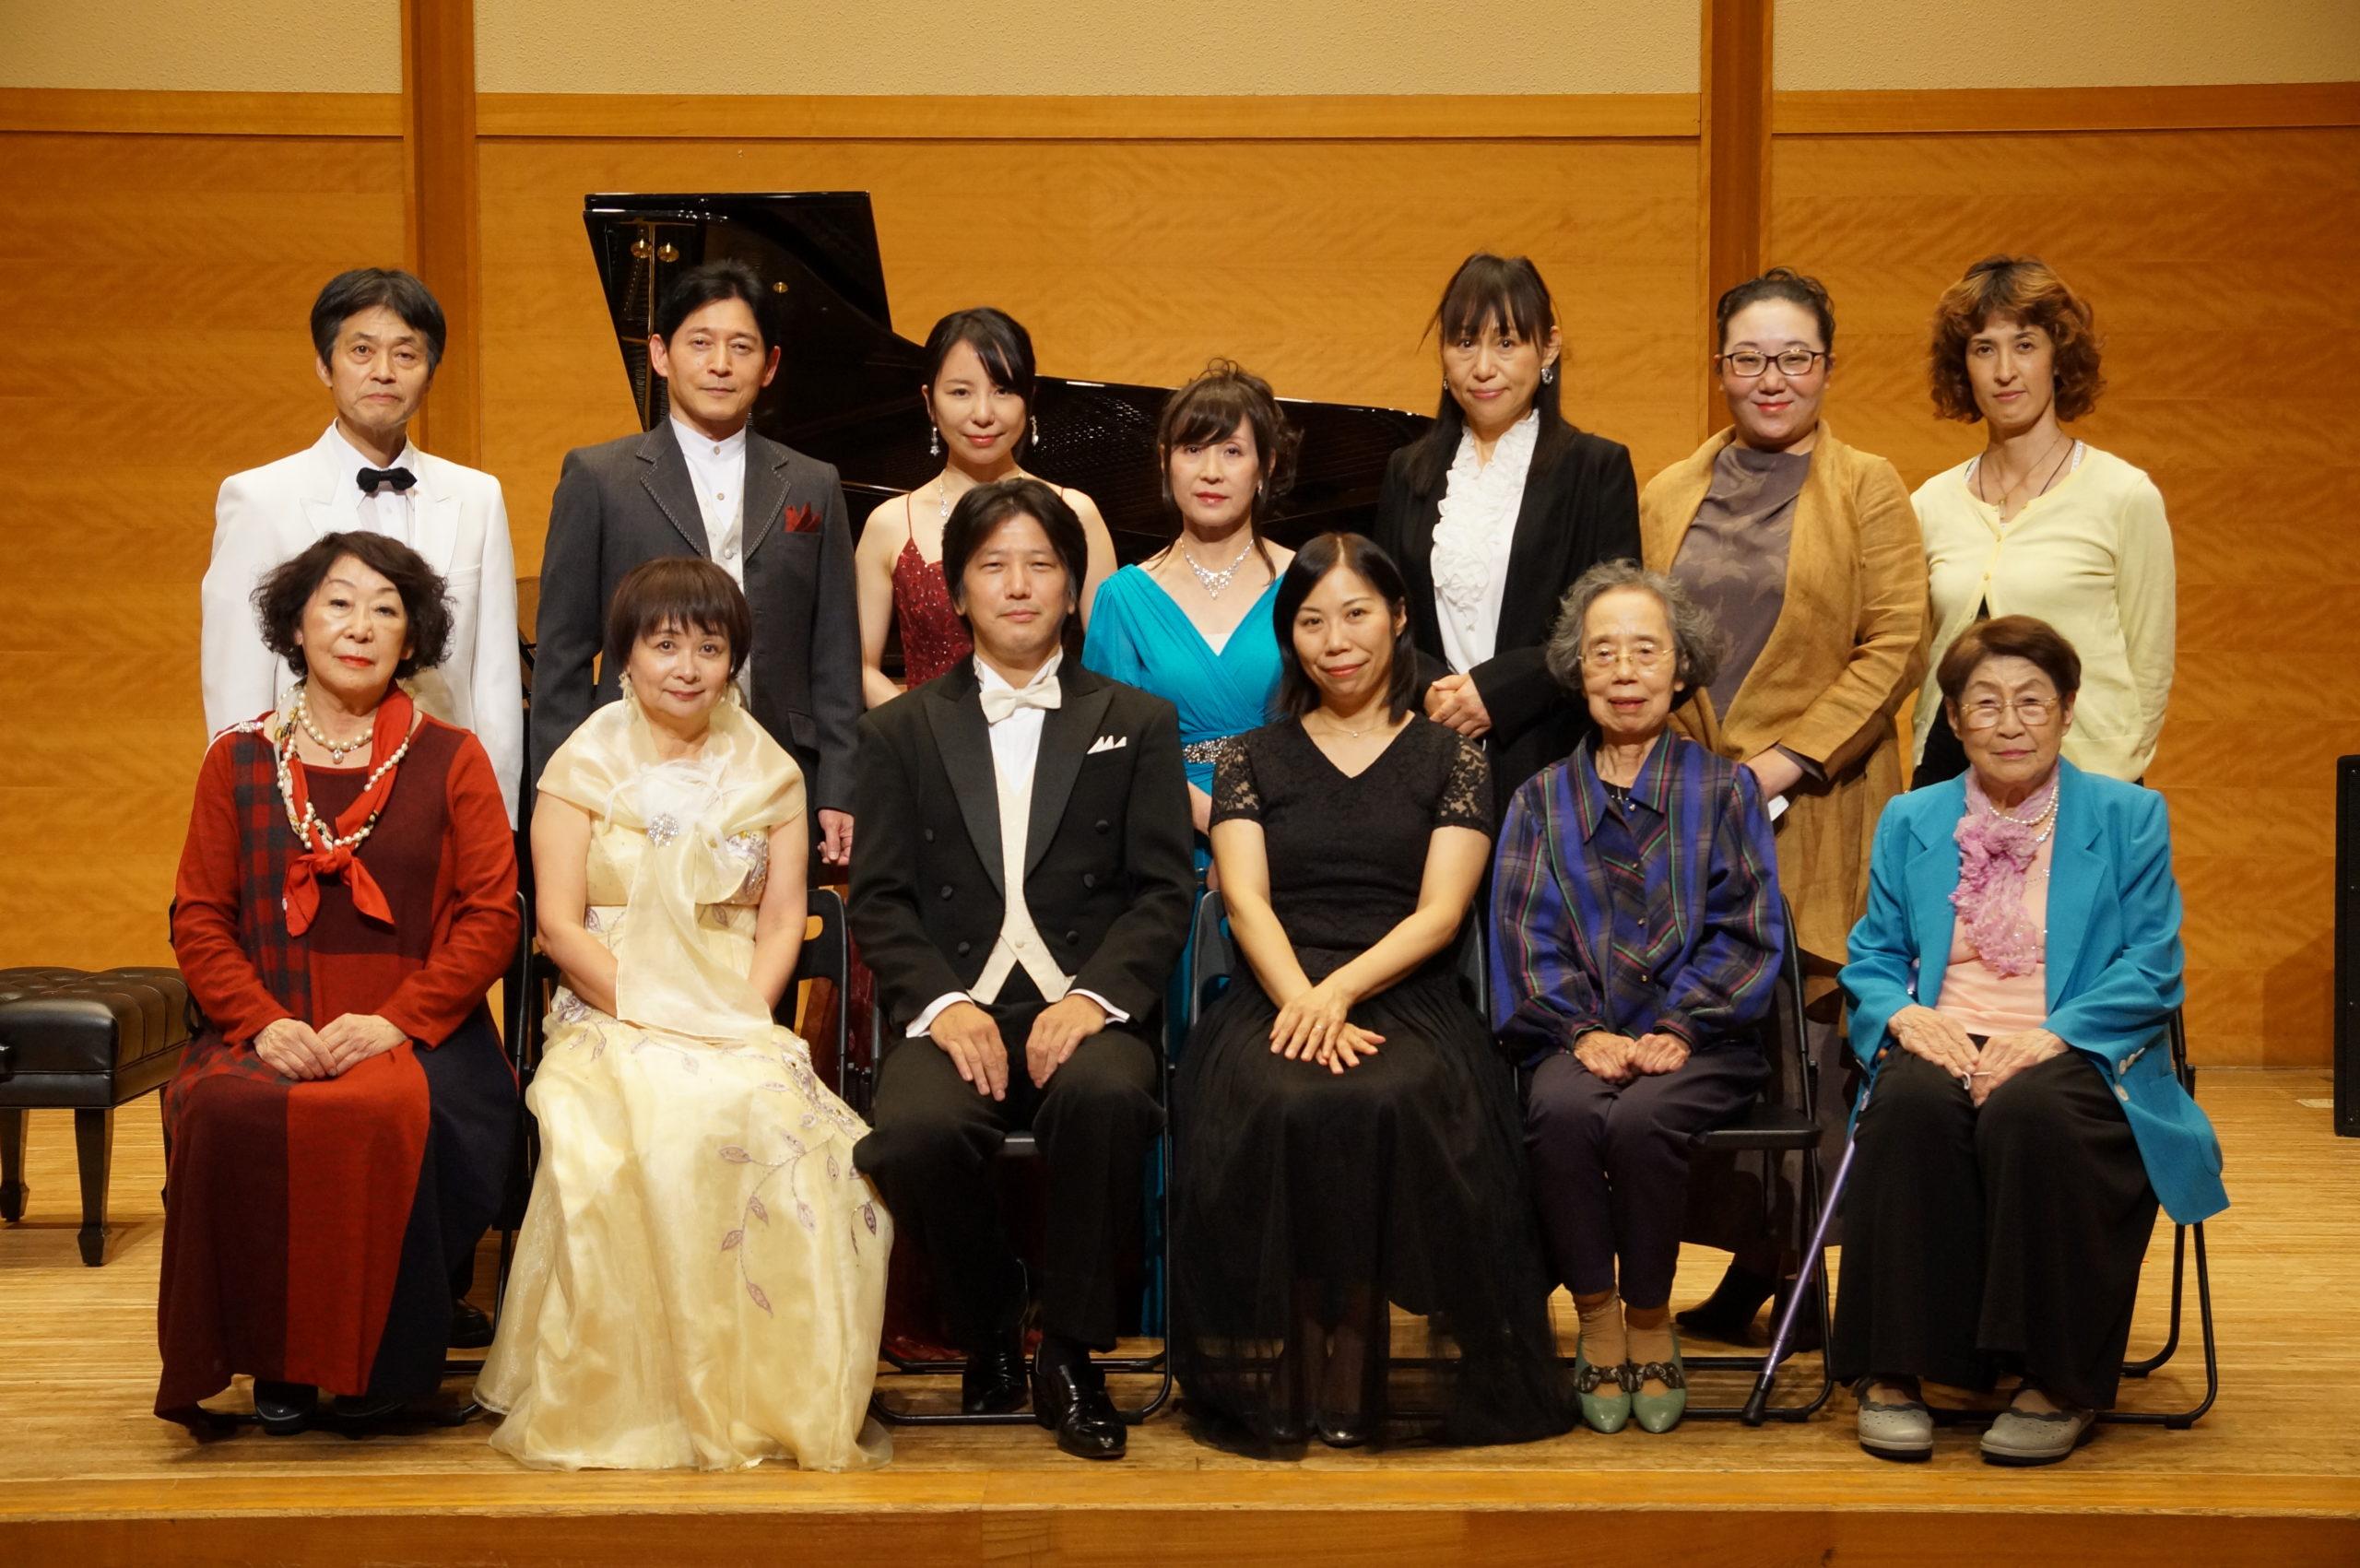 広島 ボーカルスクール 三木音楽教室